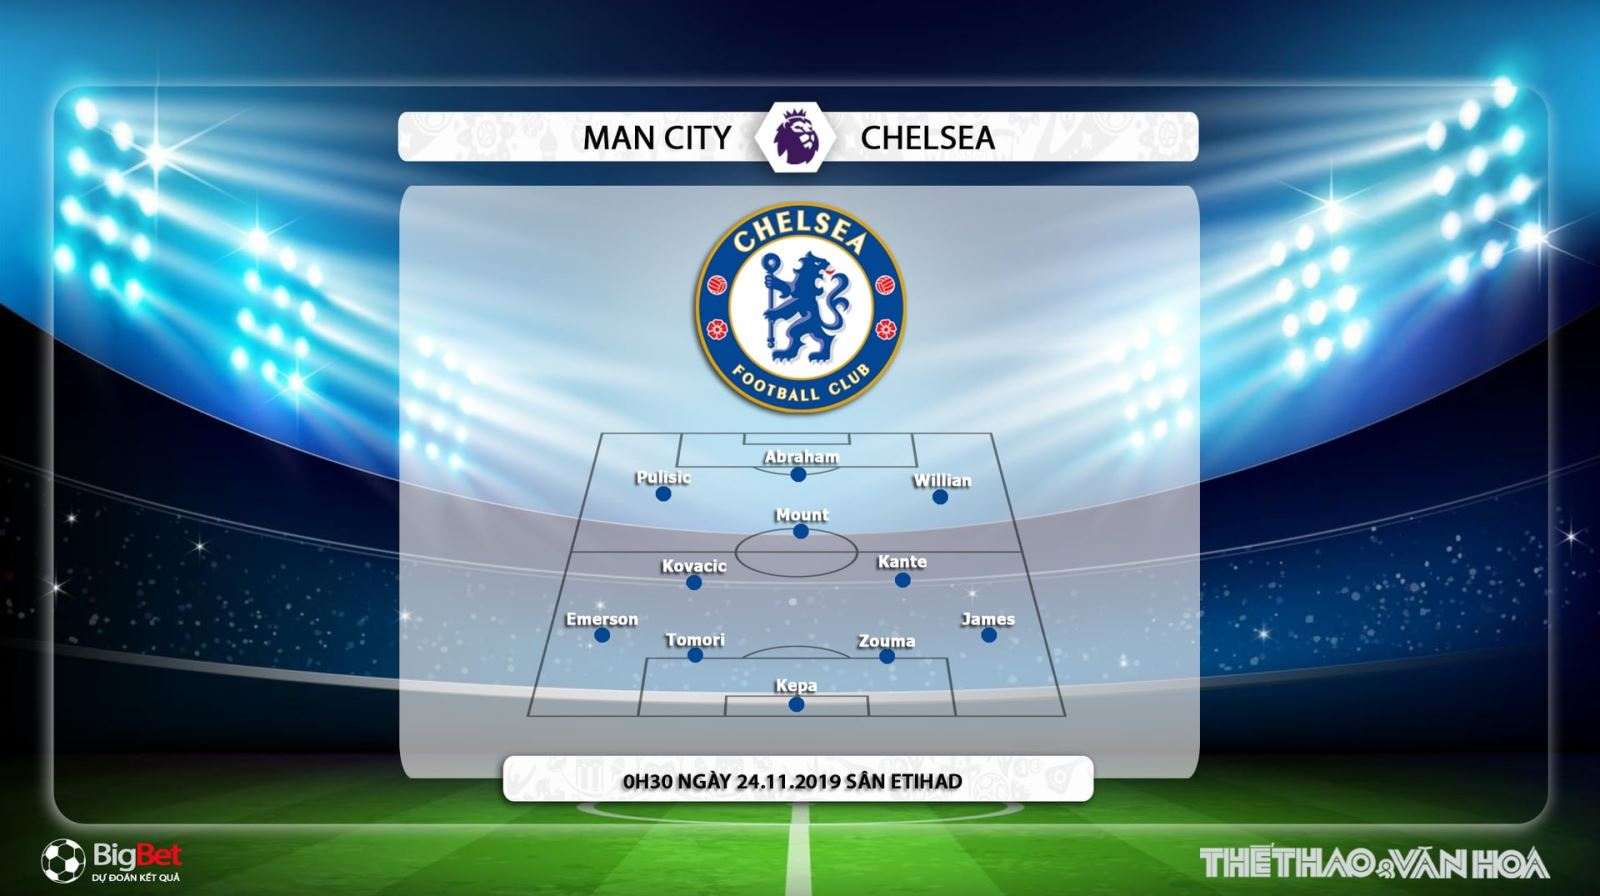 Chú thích man city, chelsea, man city vs chelsea, dự đoán man city vs chelsea, soi kèo man city vs chelsea, trực tiếp bóng đá, K+, K+PM, K+PC